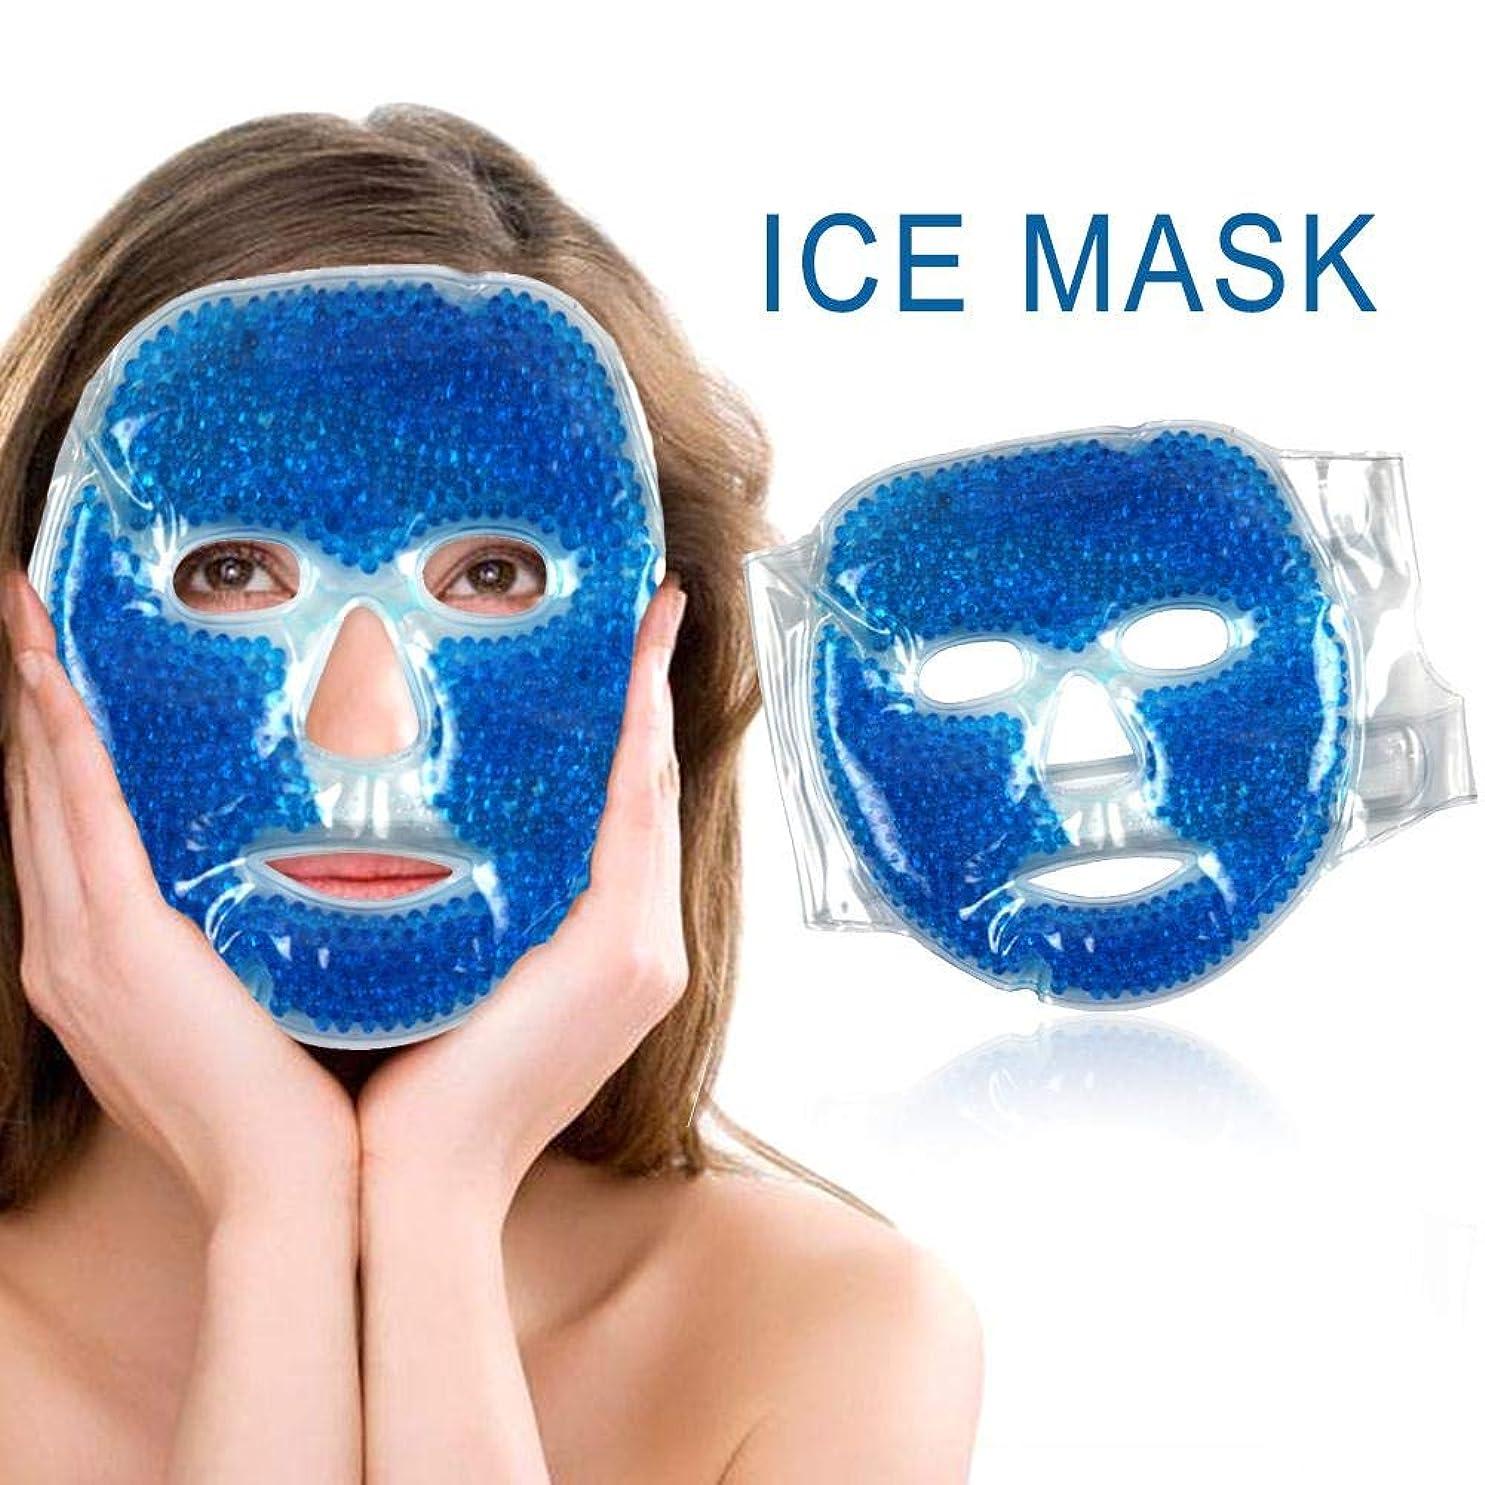 シャベルかんがいお酢SILUN フェイスマスク 冷温兼用 アイスマスク 美容用 再利用可能 毛細血管収縮 疲労緩和 肌ケア 保湿 吸収しやすい 美容マッサージ